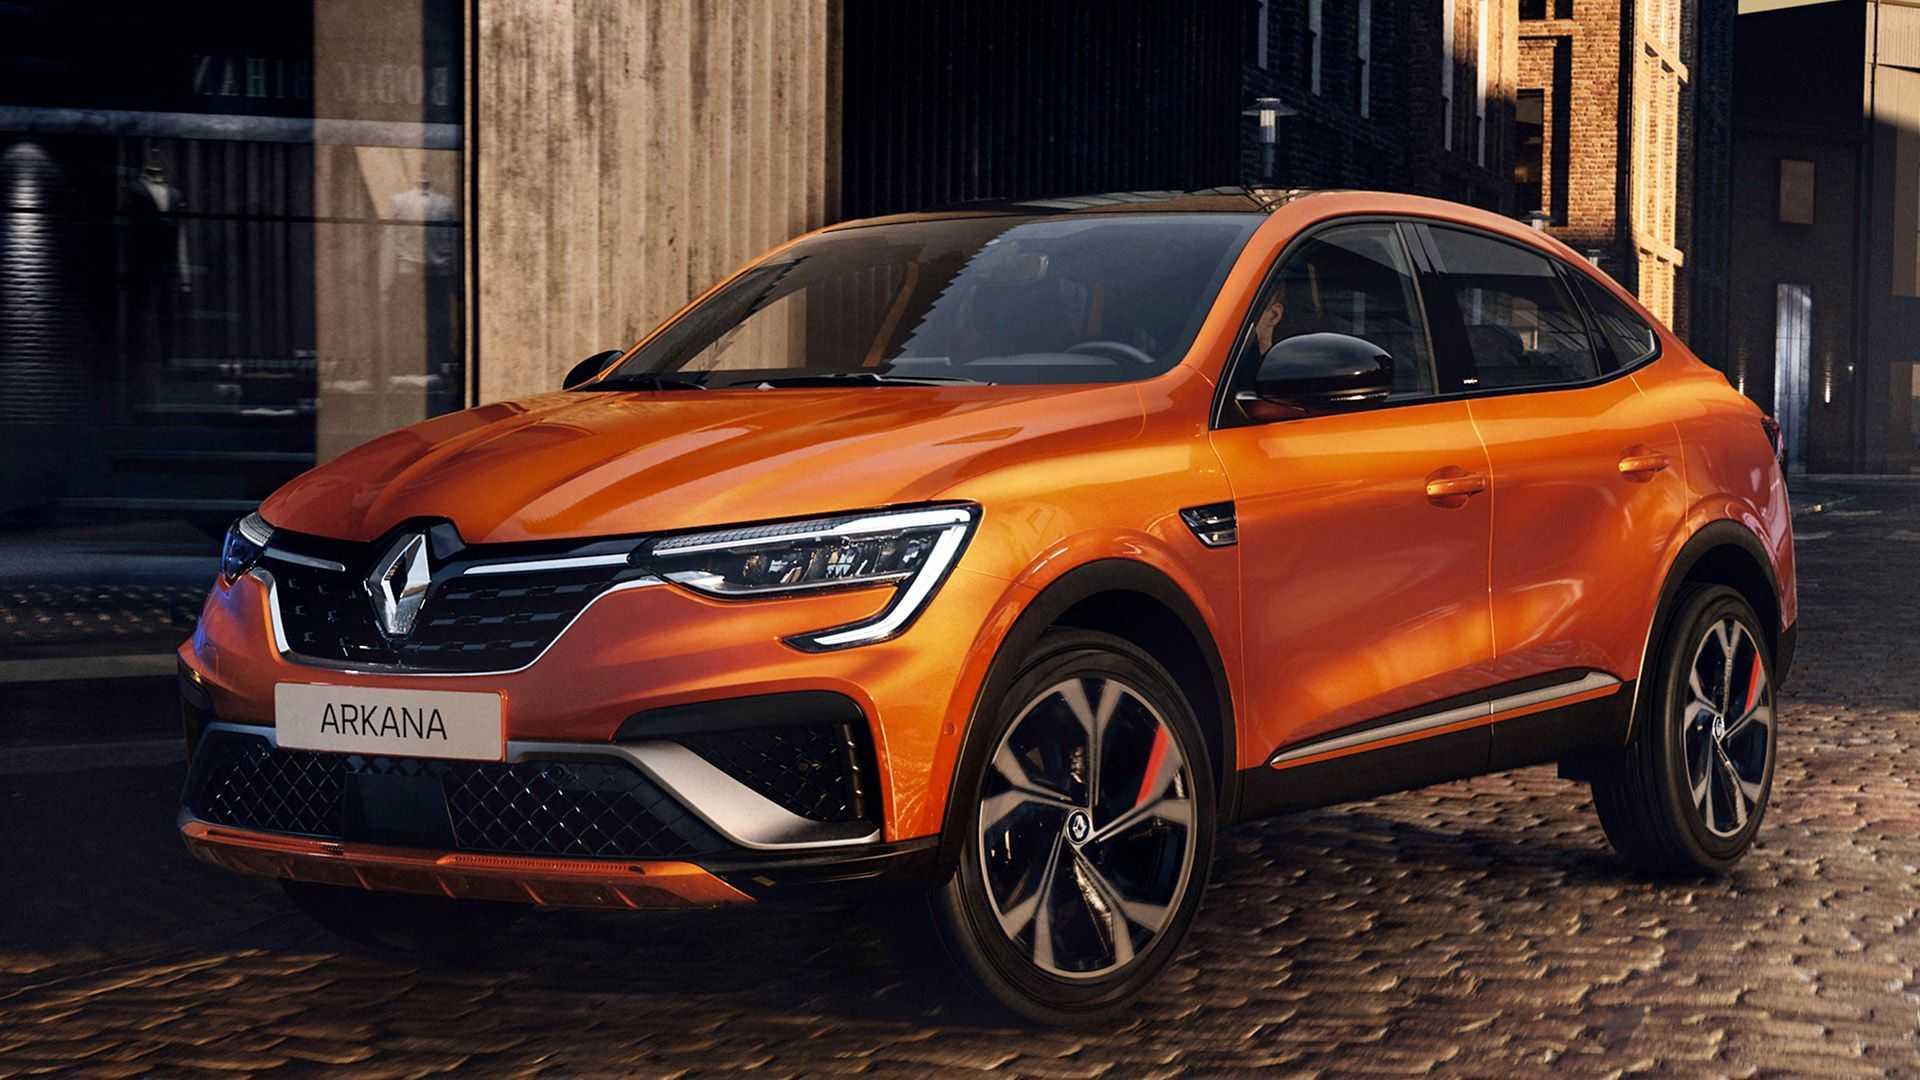 Nuevo Renault Arkana E-TECH 145 CV 2021: ¡con etiqueta ECO, muy equipado y con 5.050 € de descuento!